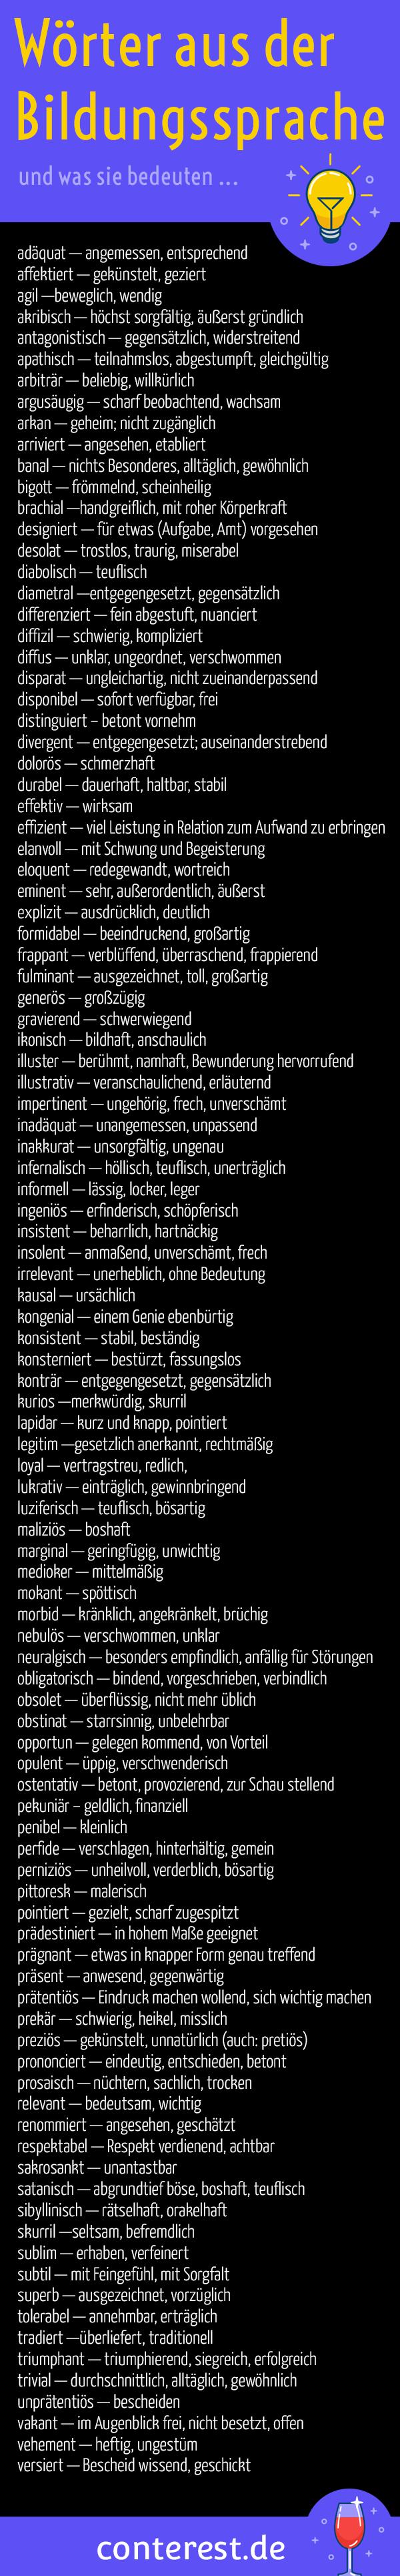 99 Wörter Bildungssprache